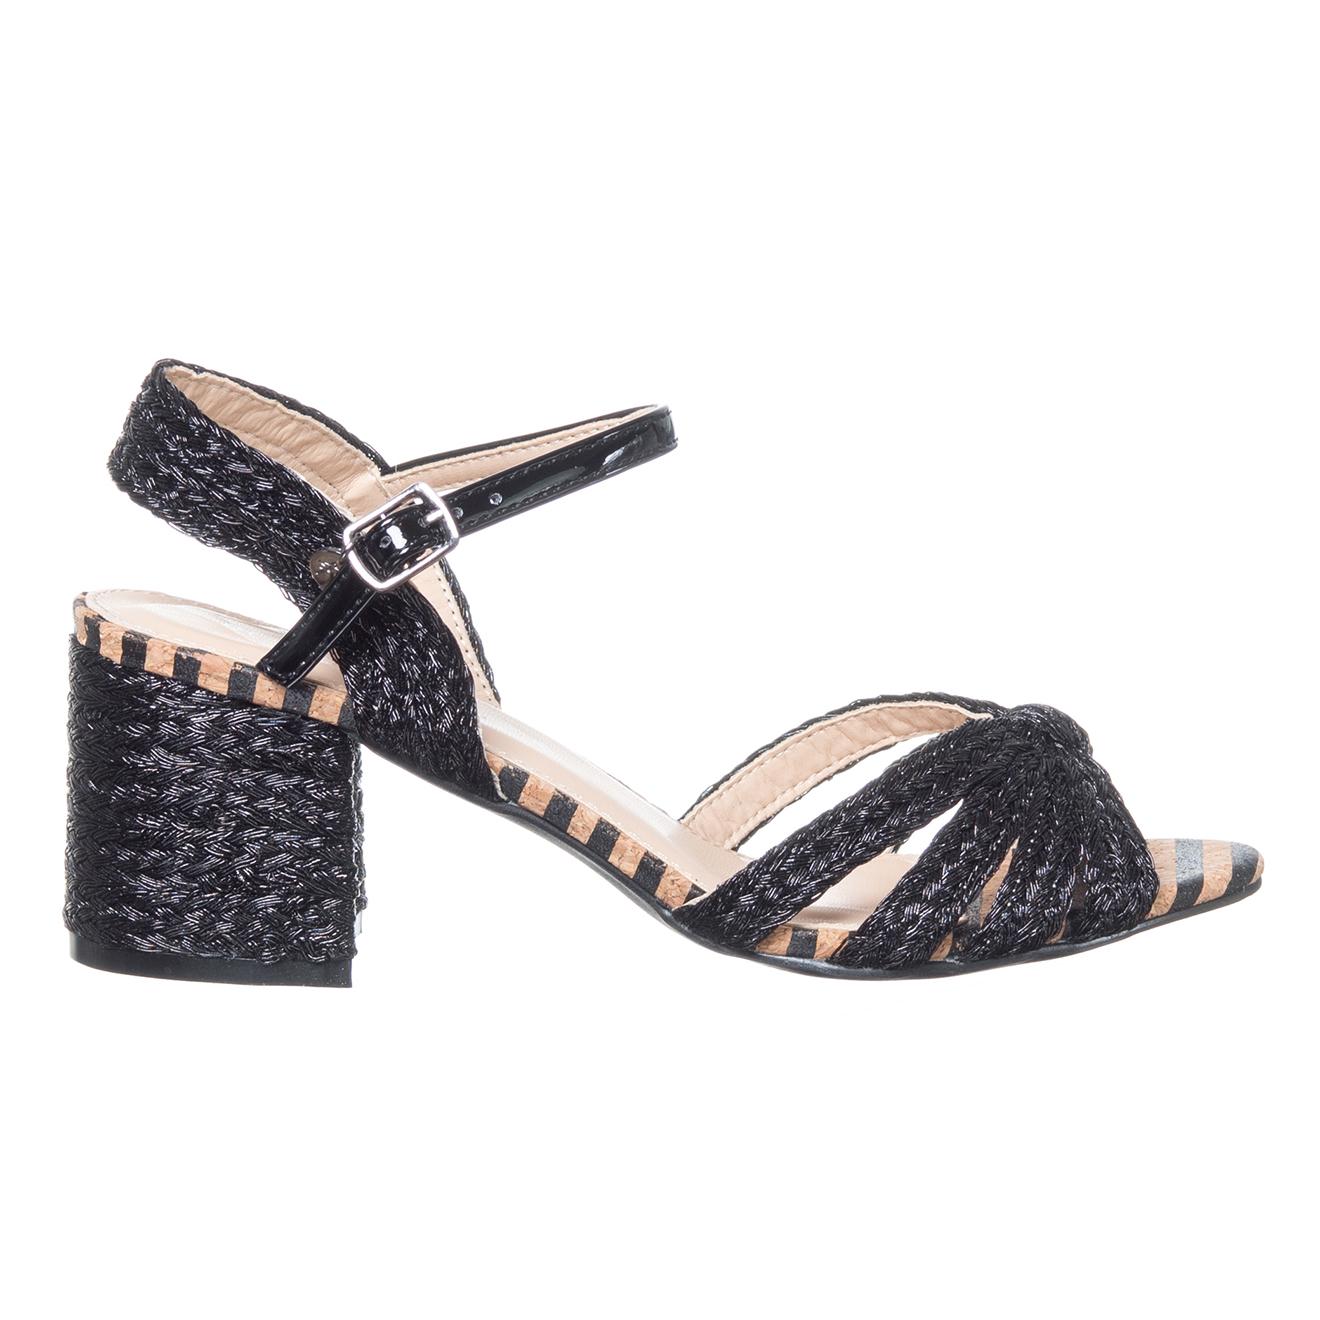 Sandales Tango noires - Talon 6 cm